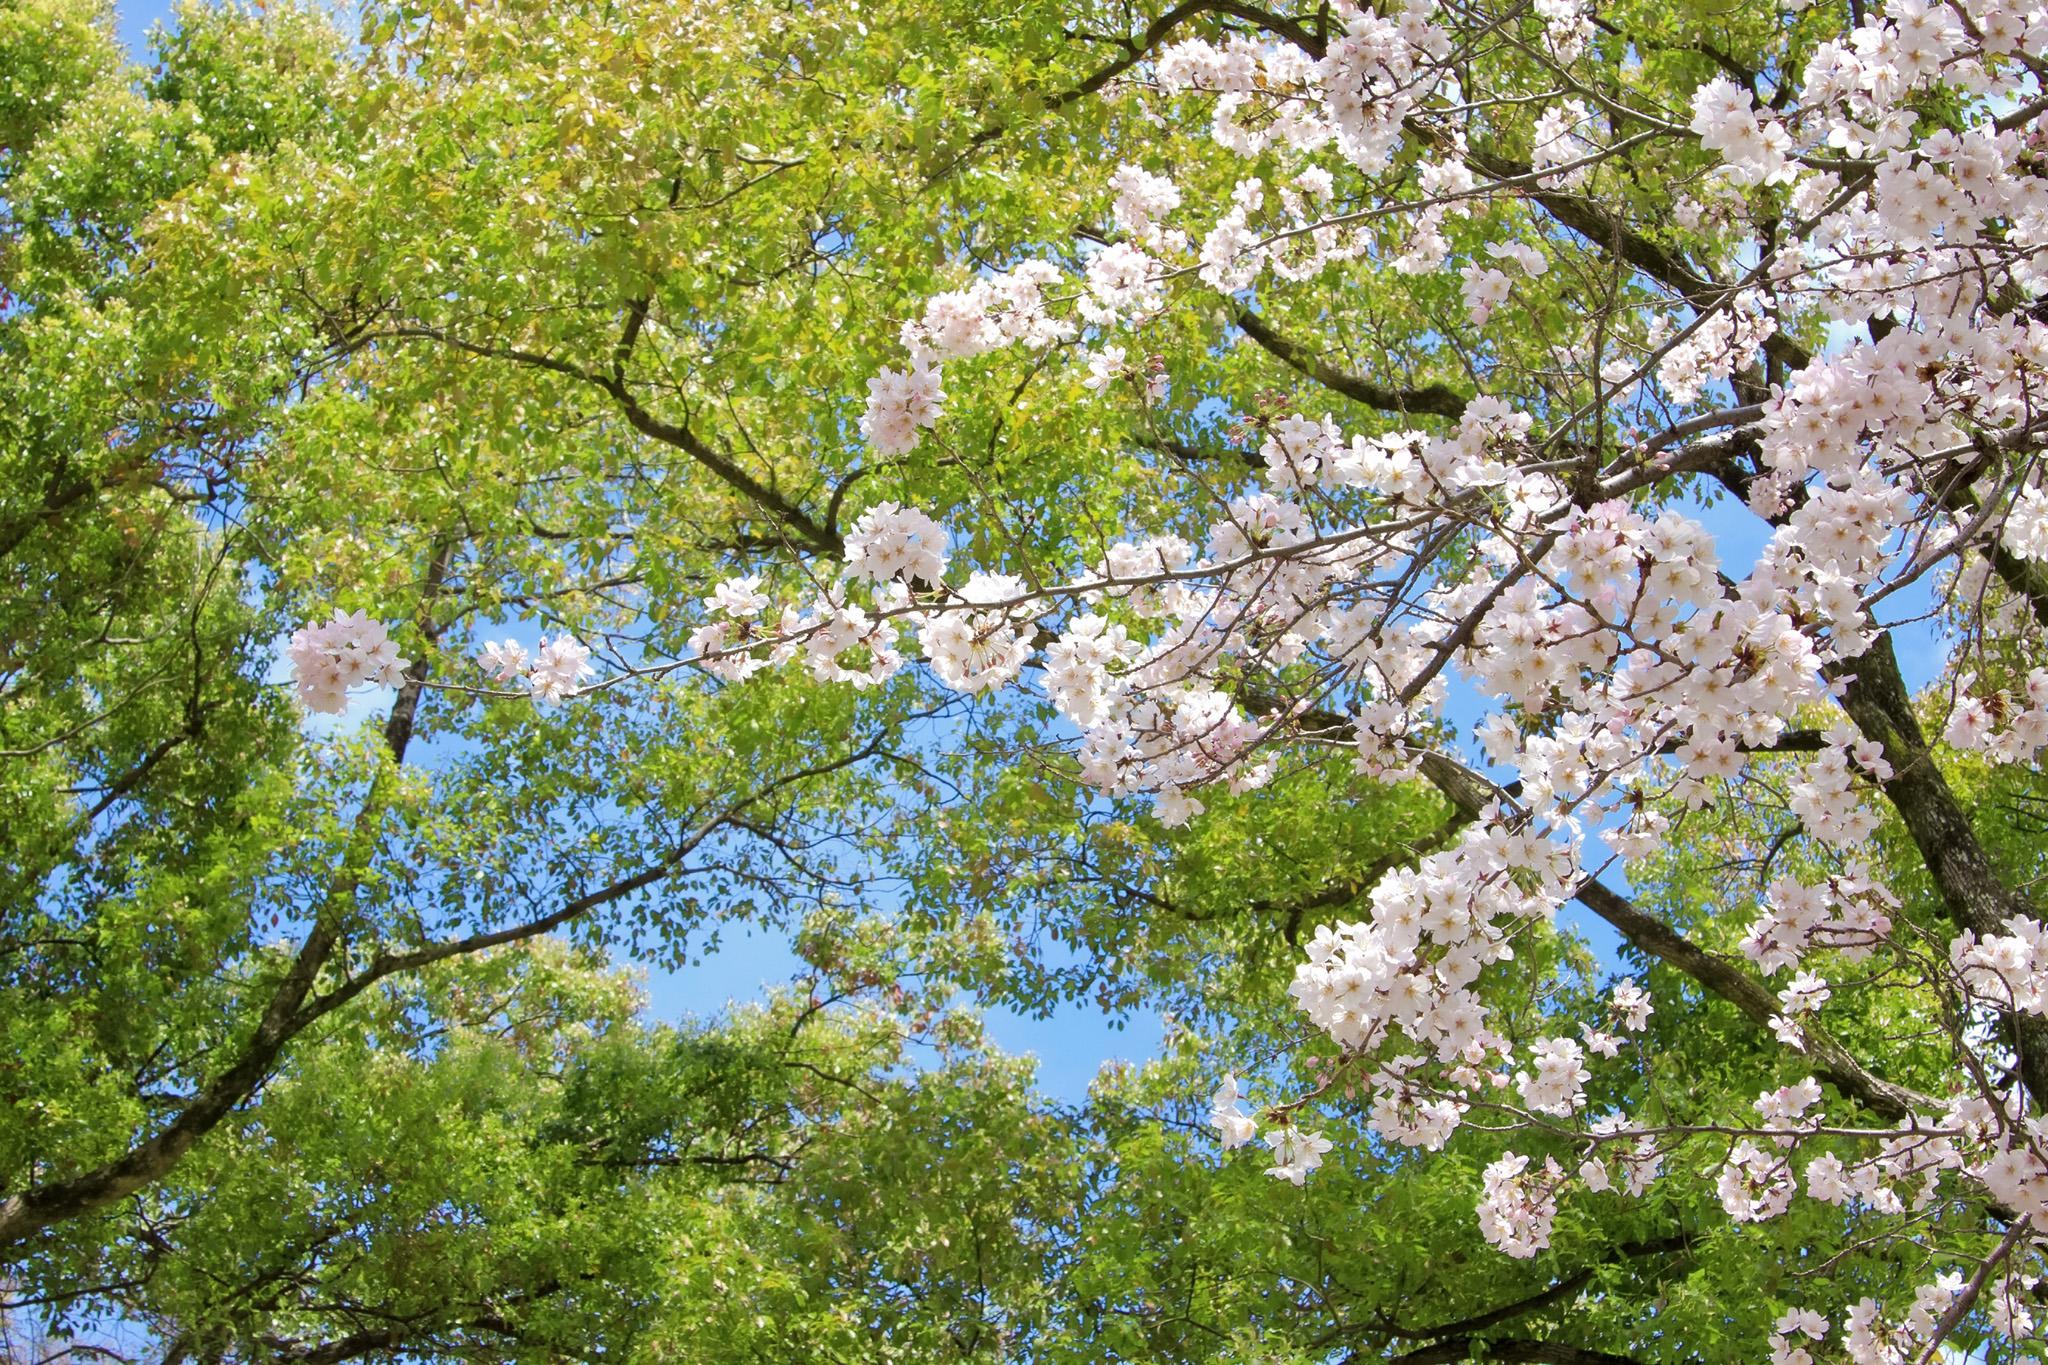 「美しい新緑と桜の春景色」